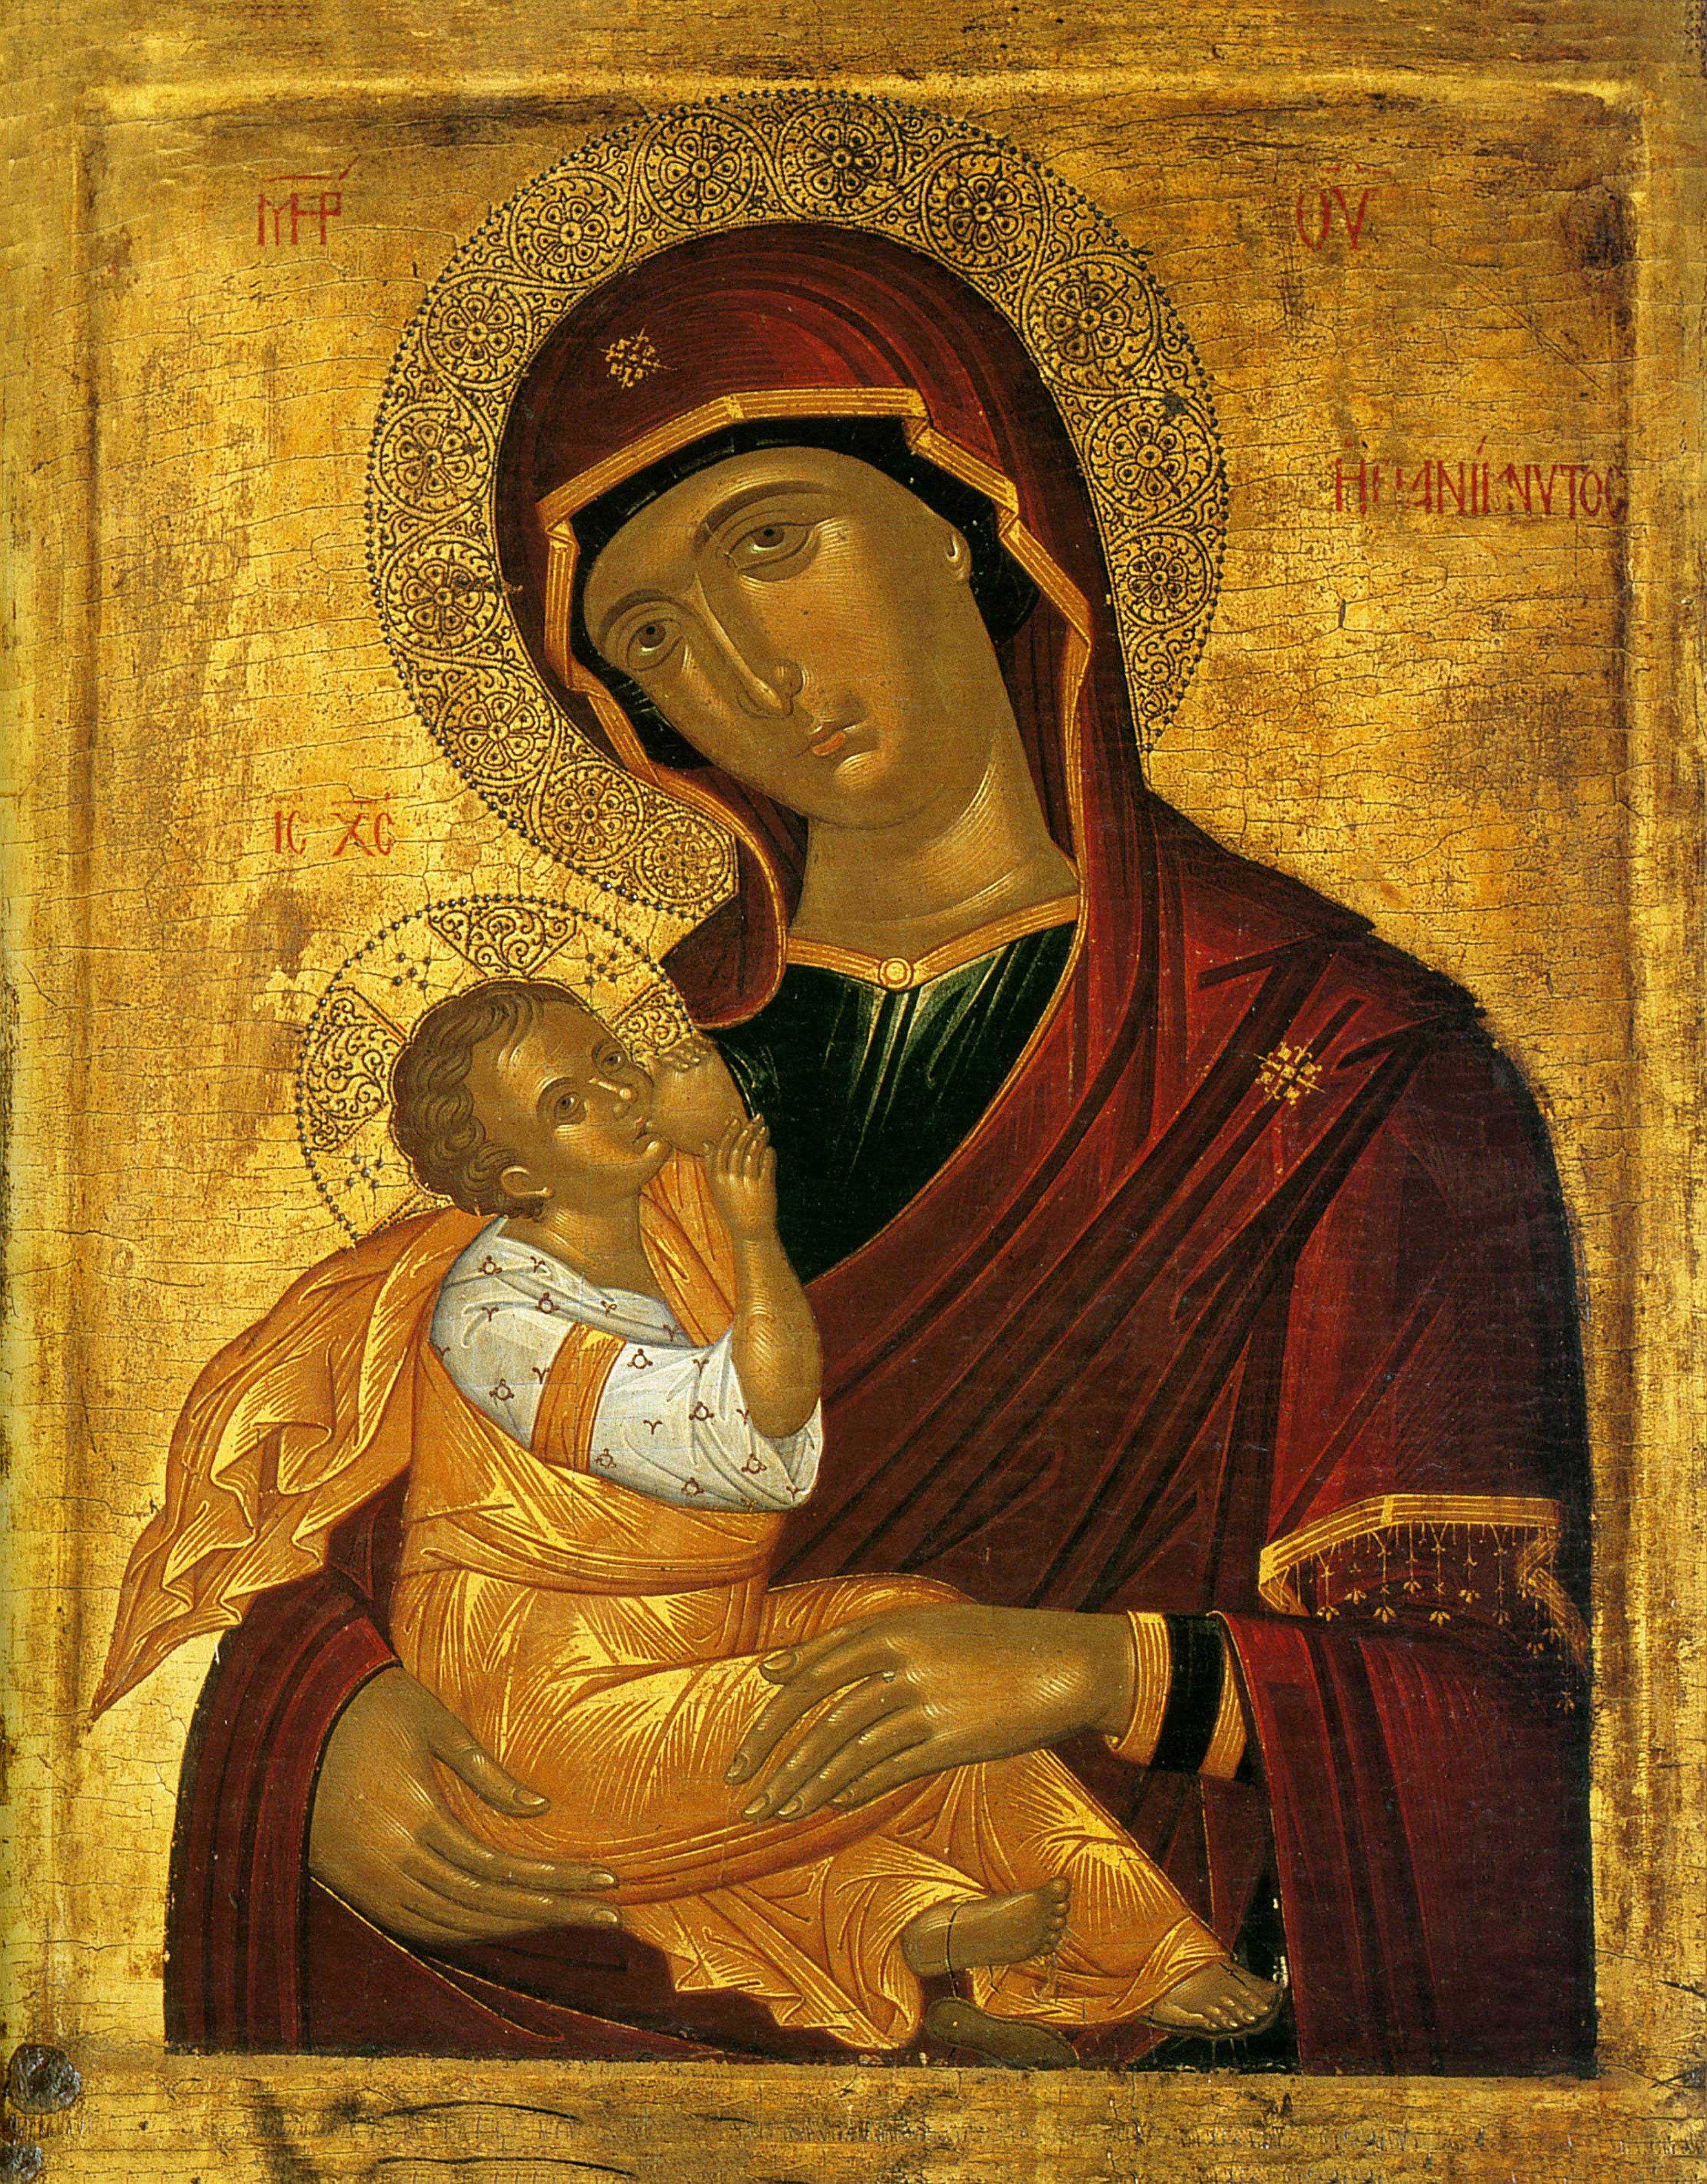 Nossa Senhora amamentando o Menino Jesus